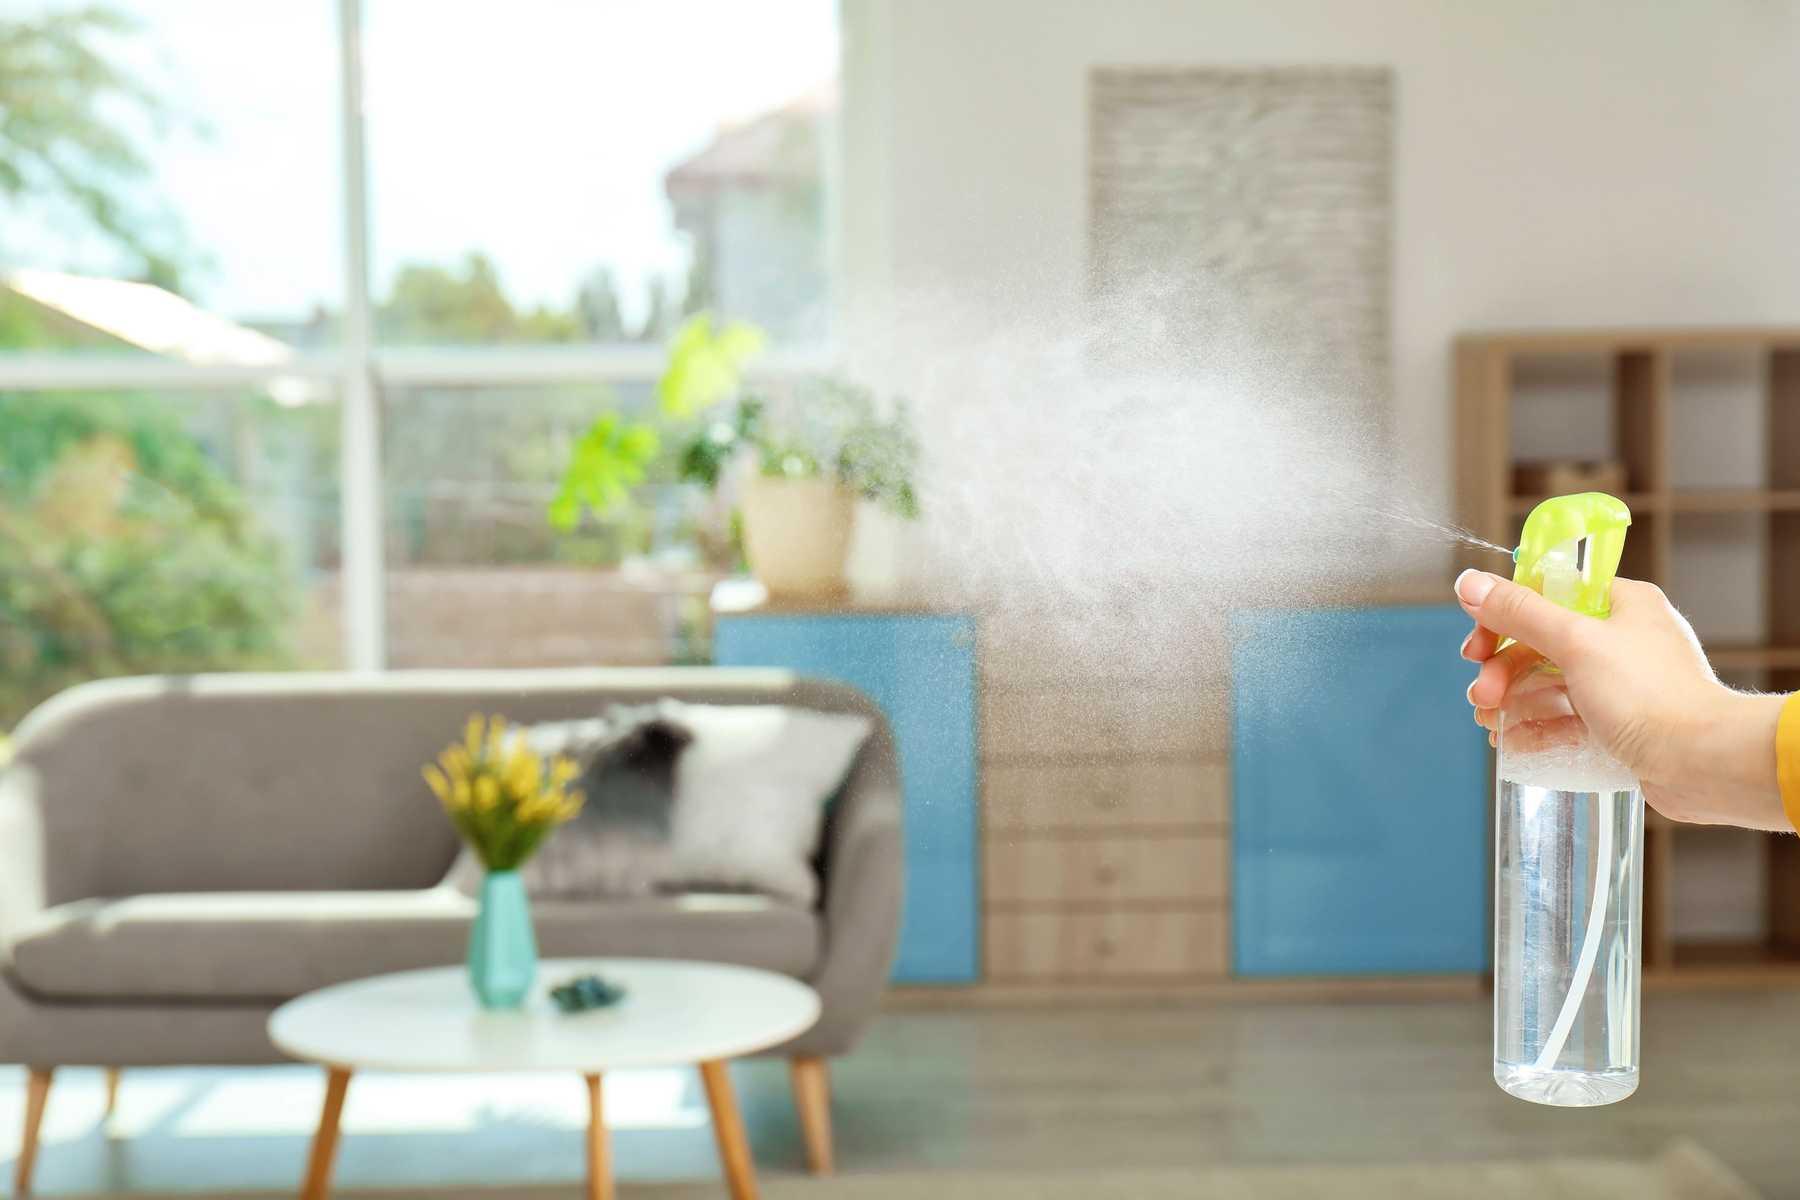 Cách khử mùi hôi trong nhà bếp bằng tinh dầu hồi